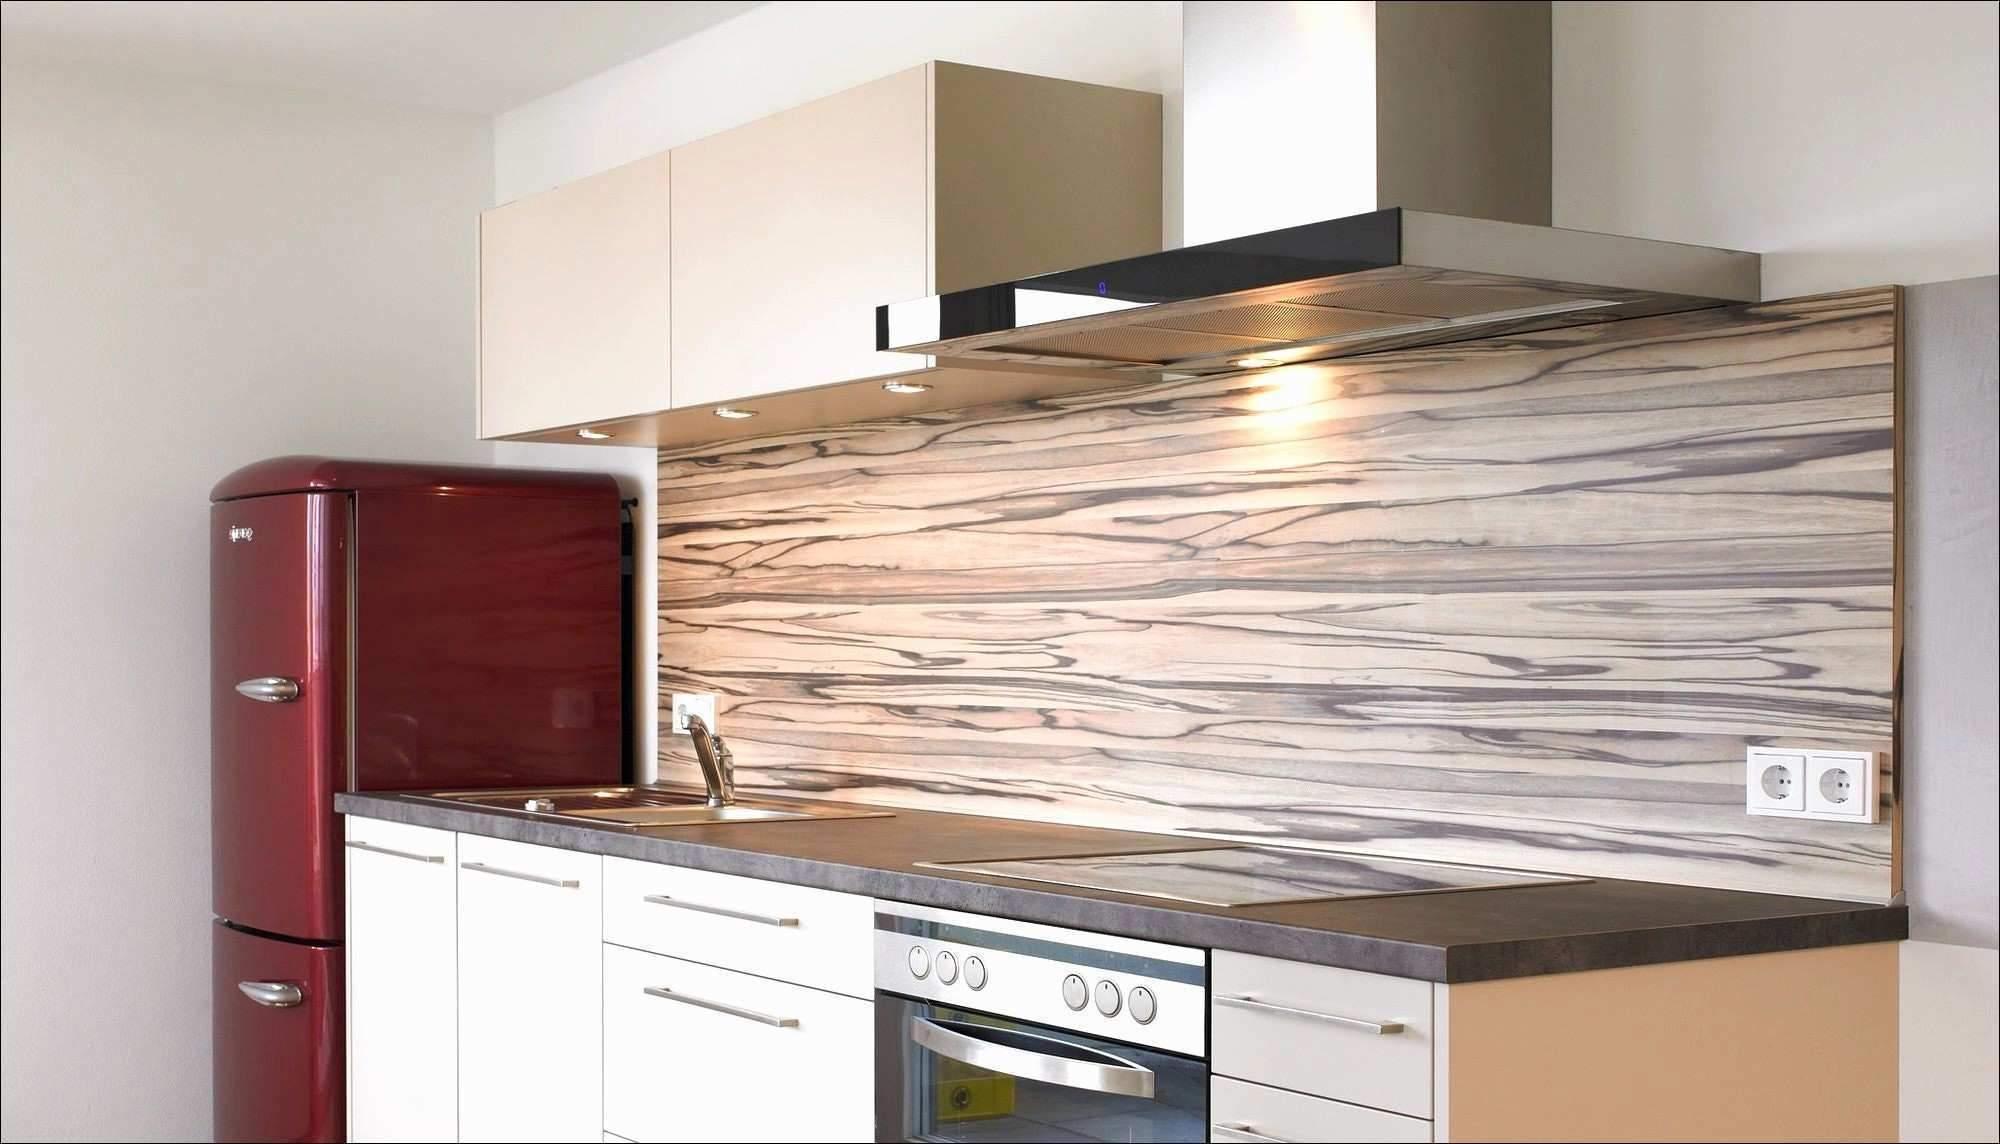 Full Size of Hängeschrank Küche Ikea Hngeschrank Wohnzimmer Einzigartig Deckenlampe Kuche Bodenbeläge Miniküche Mit Kühlschrank Gardine Arbeitsschuhe Alno Günstig Wohnzimmer Hängeschrank Küche Ikea